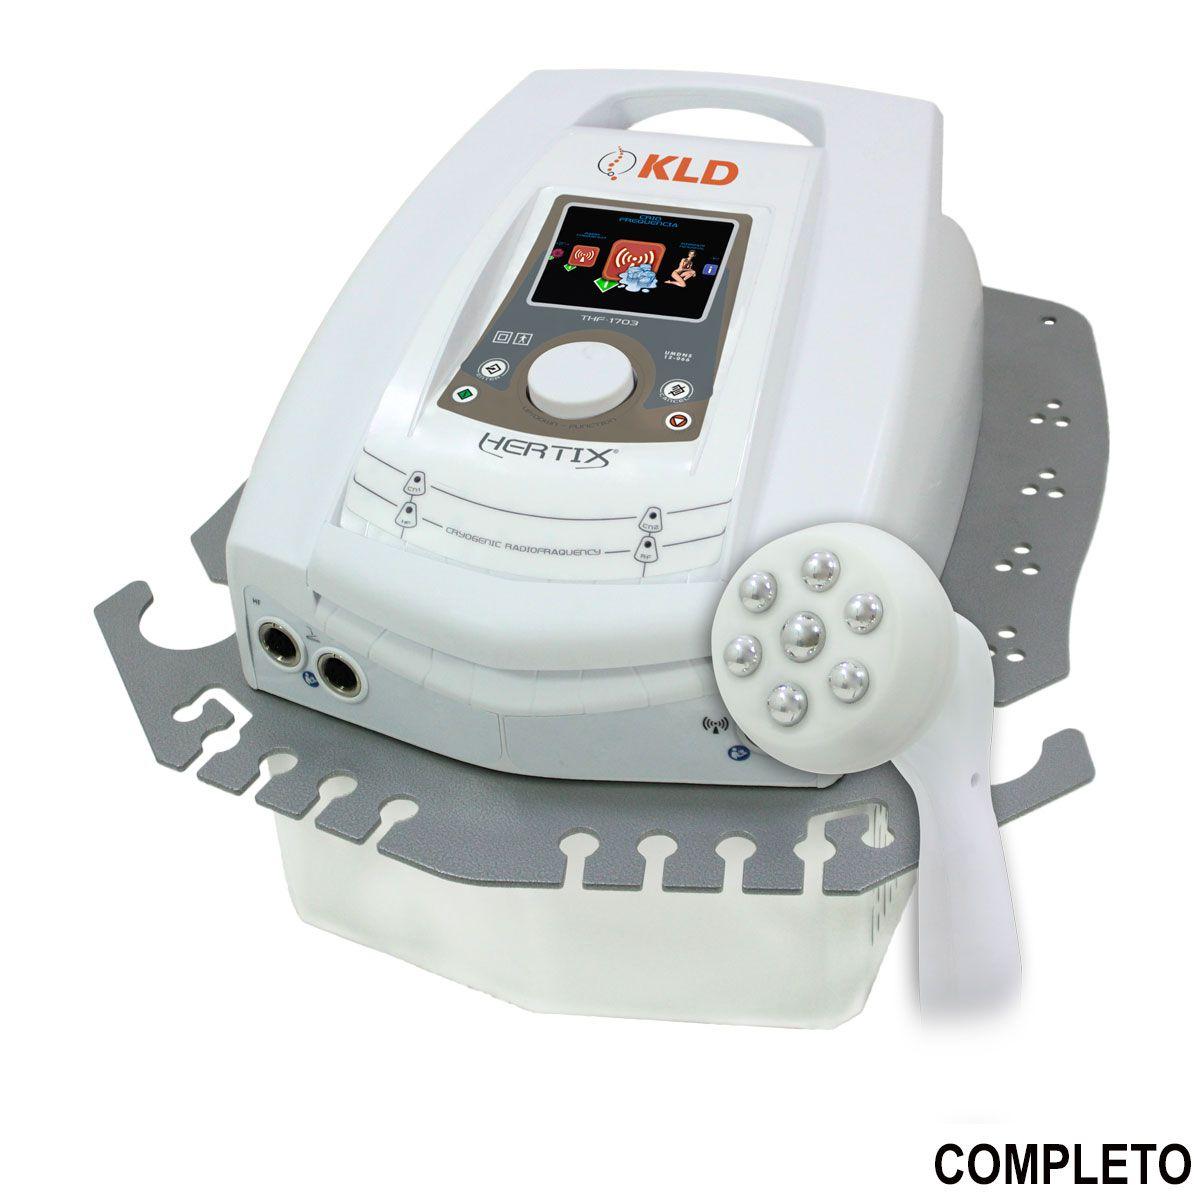 Hertix Smart Radiofrequência Criogênica THF 1703 COMPLETO - KLD